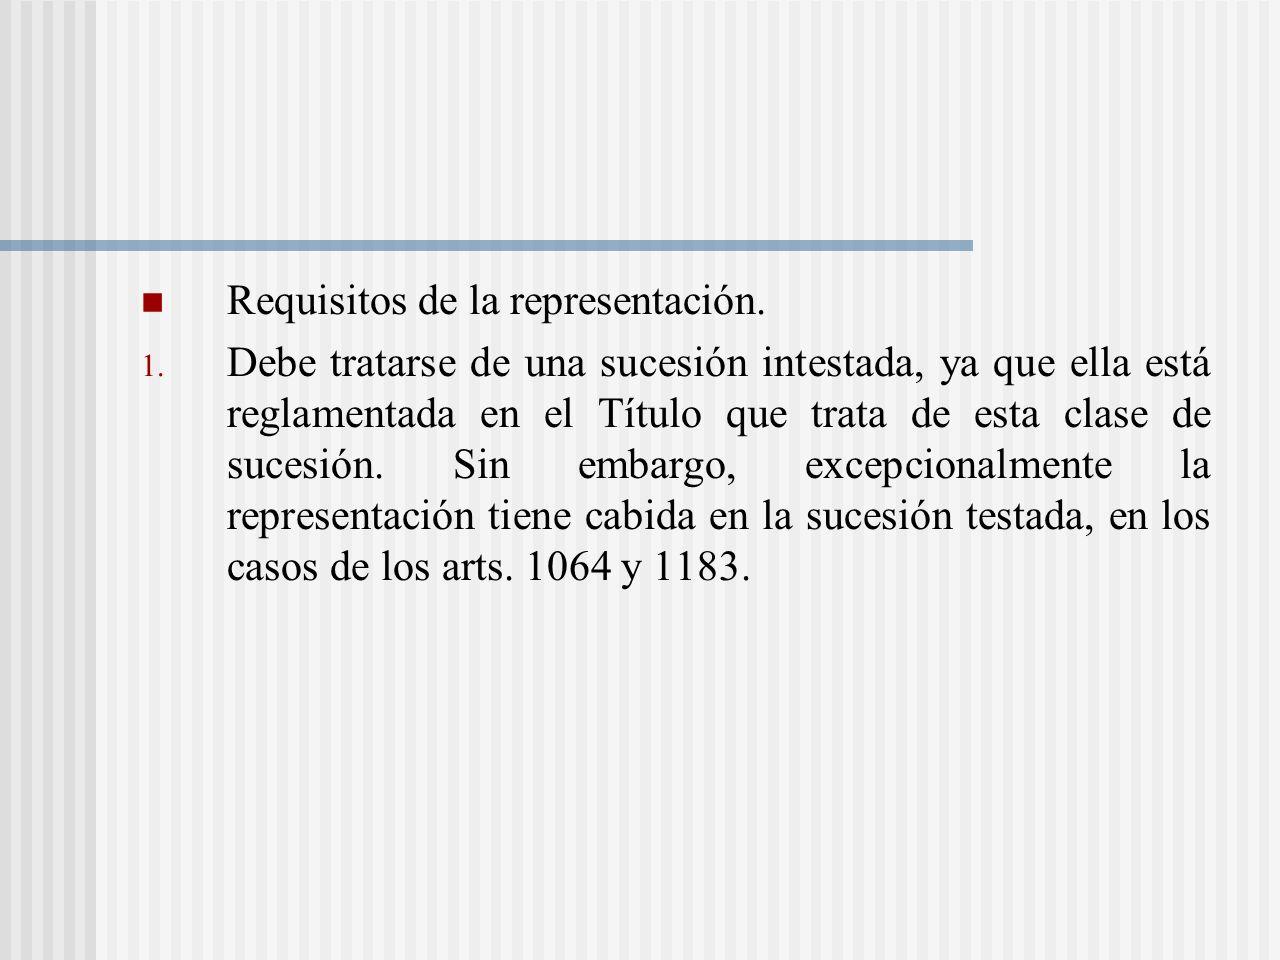 Requisitos de la representación.